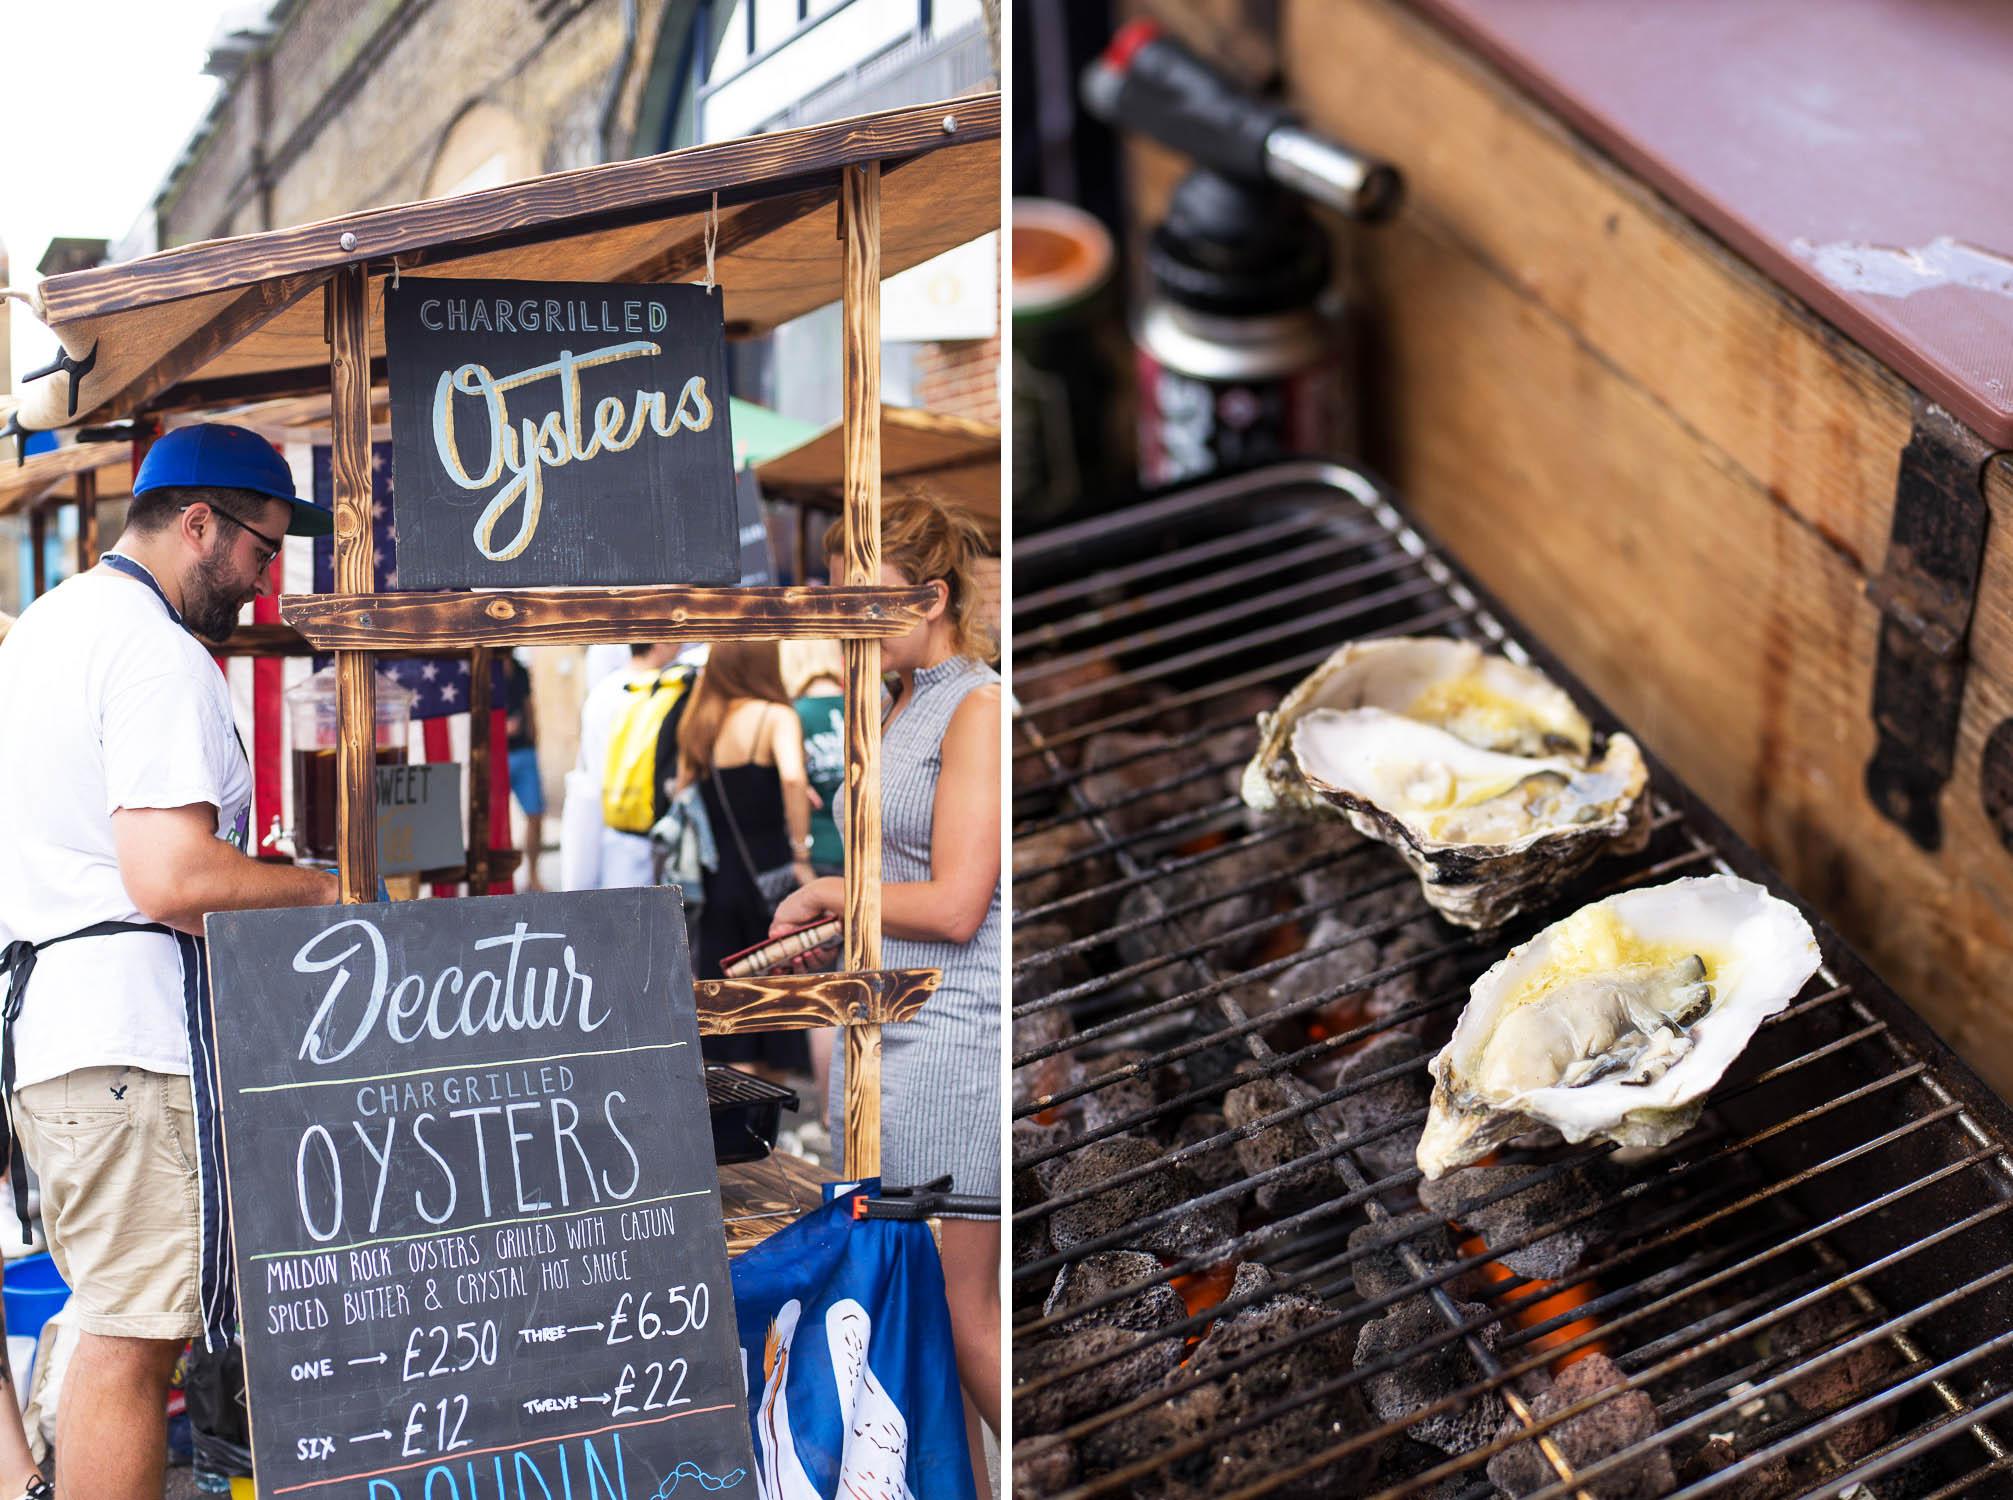 Druid-Street-Market-London-Oysters